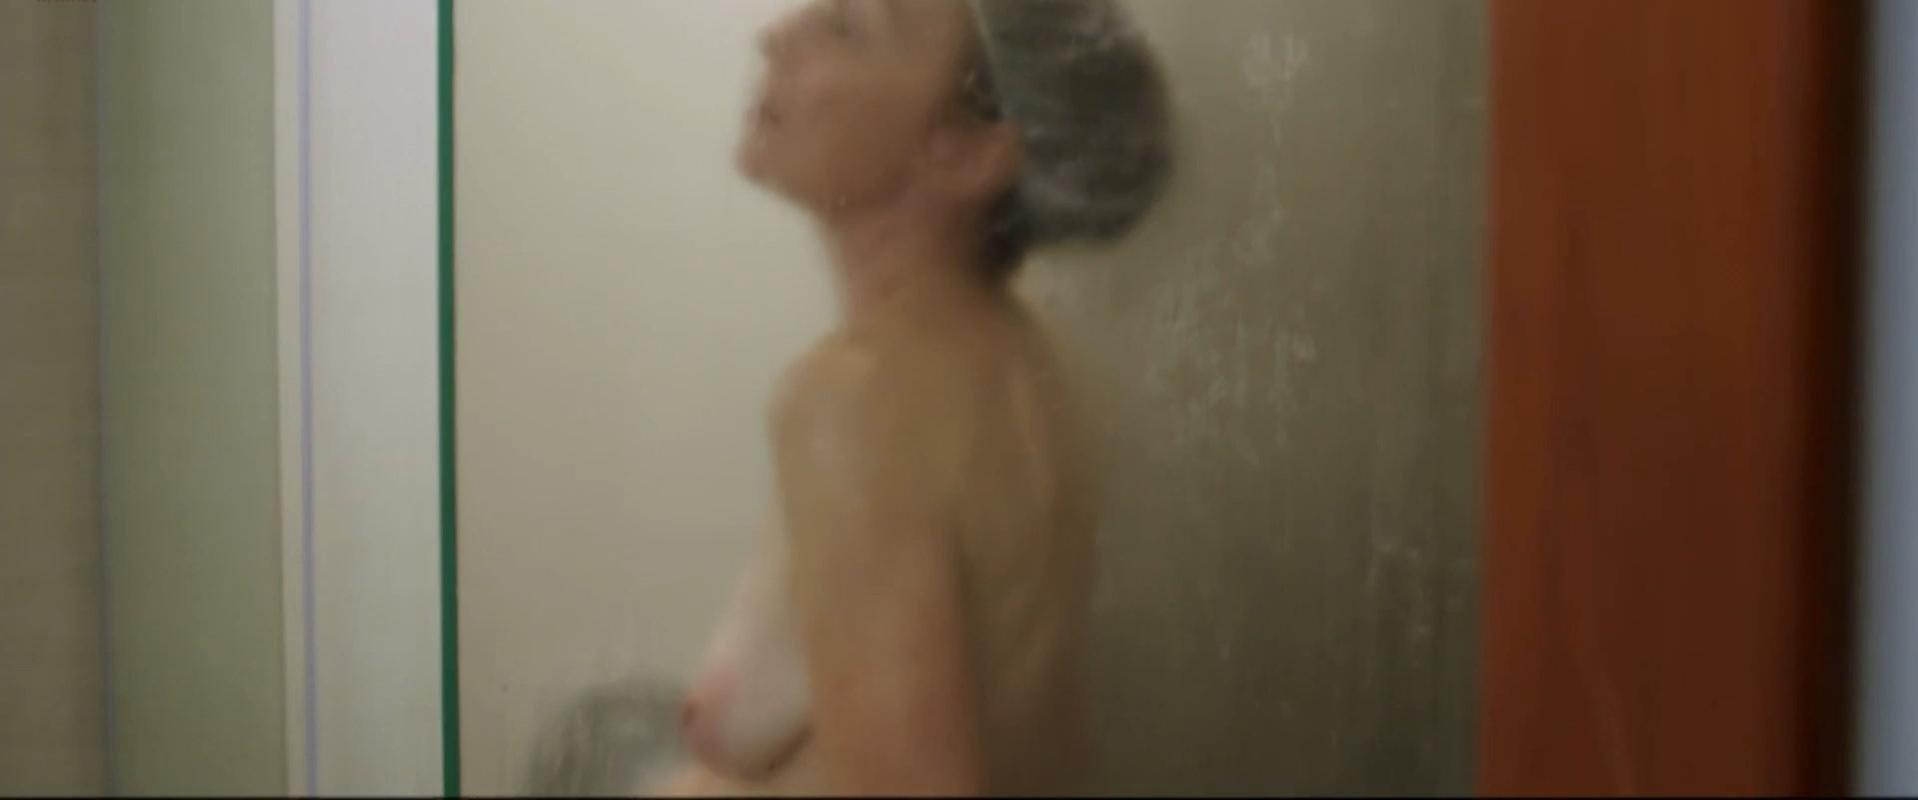 Danica Curcic nude, Bodil Jorgensen nude - All Inclusive (2014)